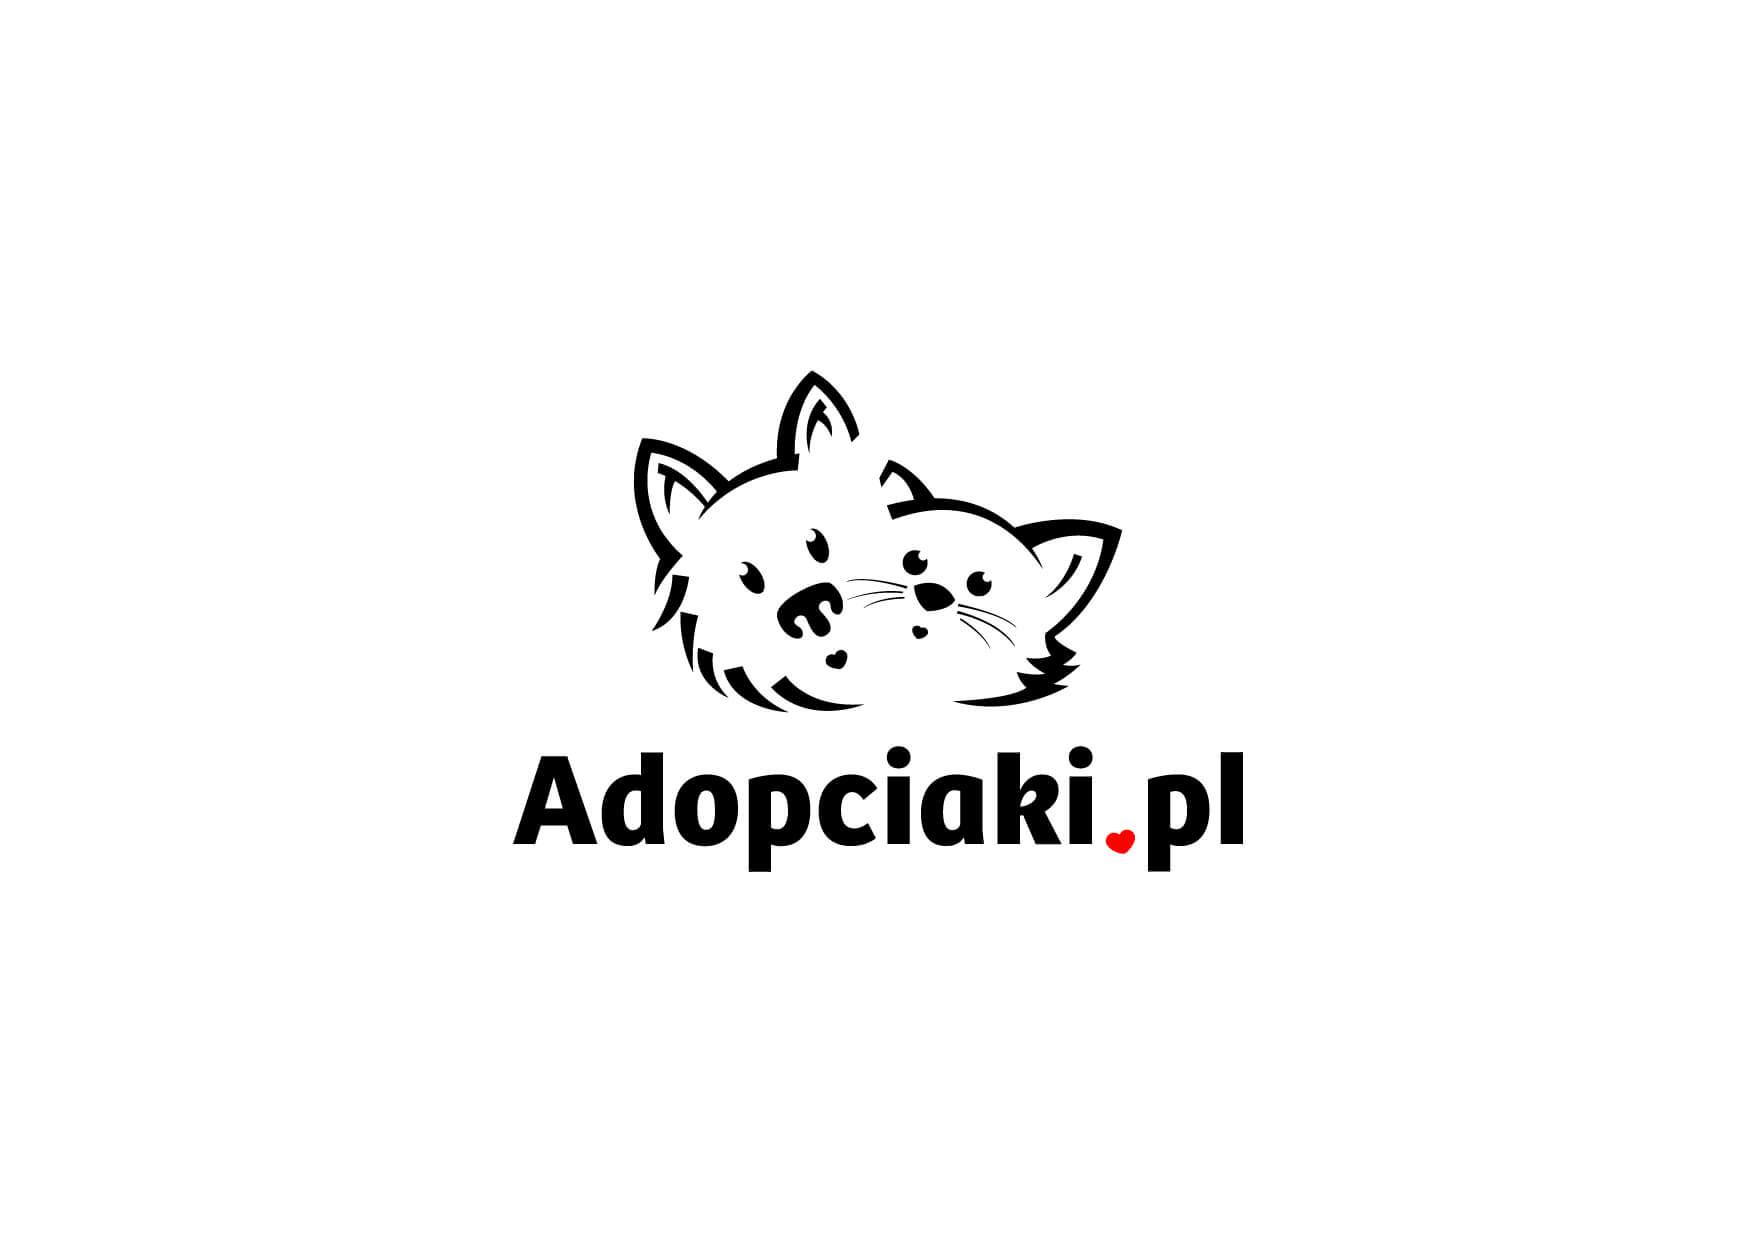 Logo Adopciaki.pl – Gdańsk